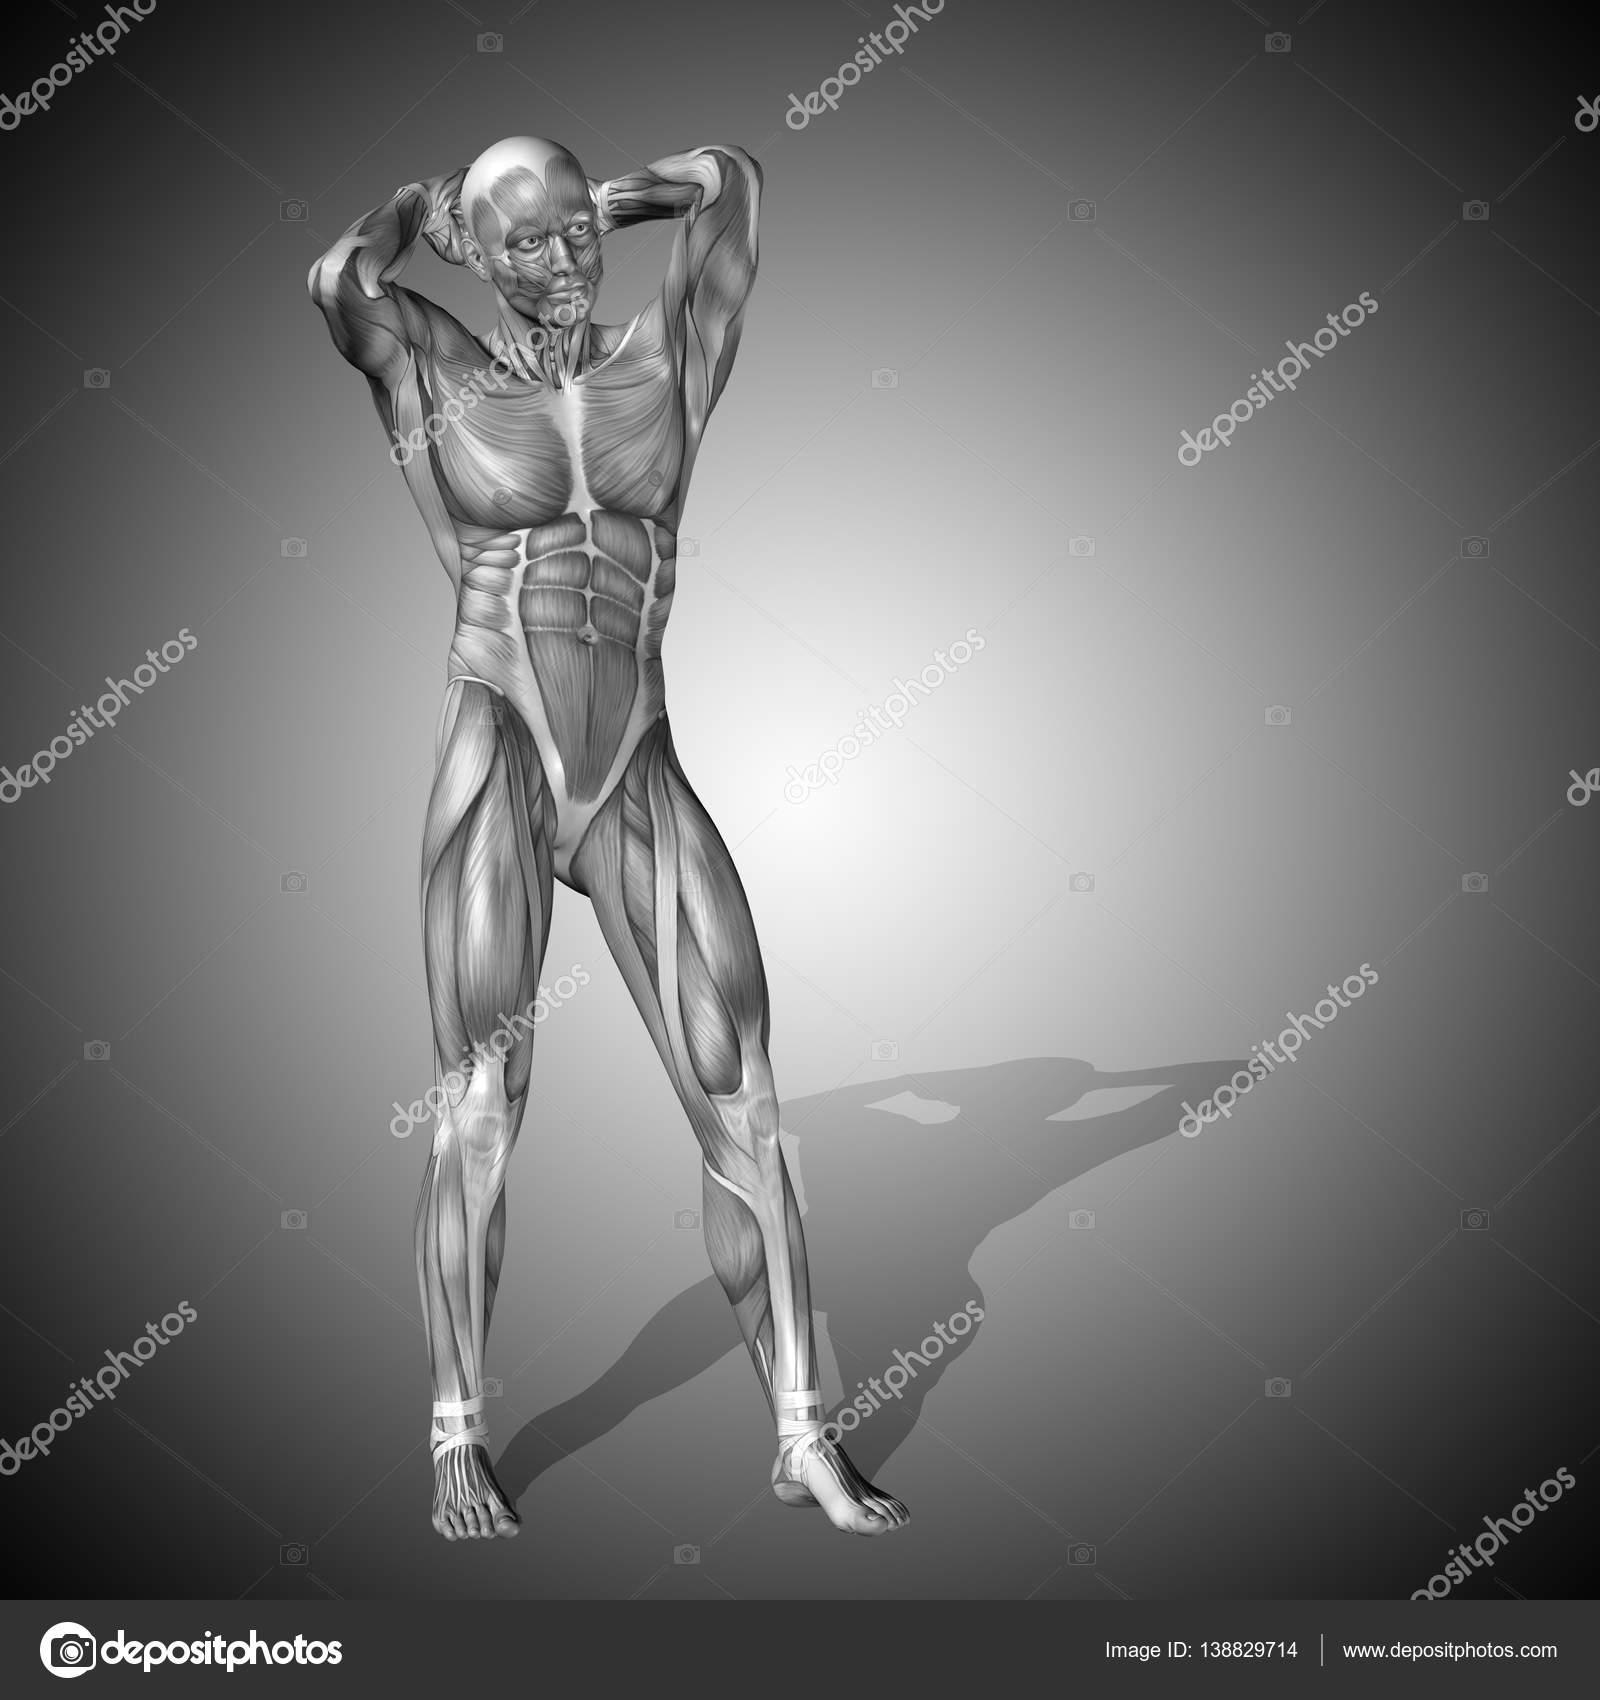 Abbildung der menschlichen Anatomie — Stockfoto © design36 #138829714